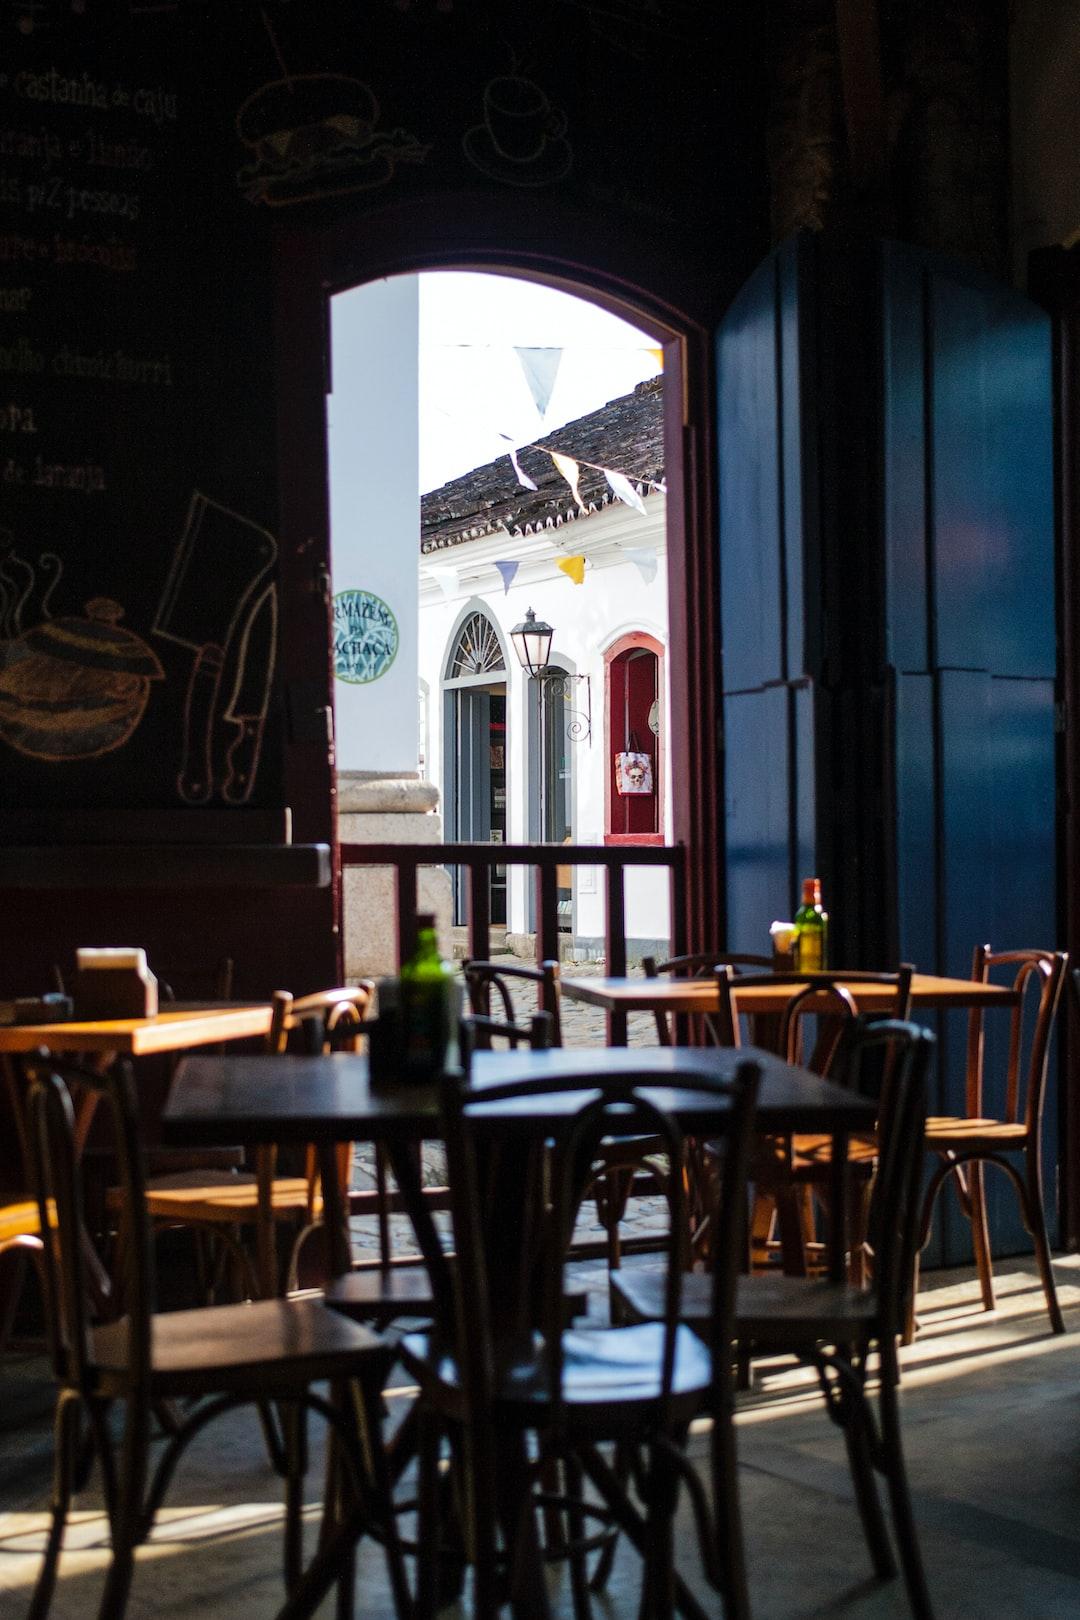 Rio City Bar And Cafe